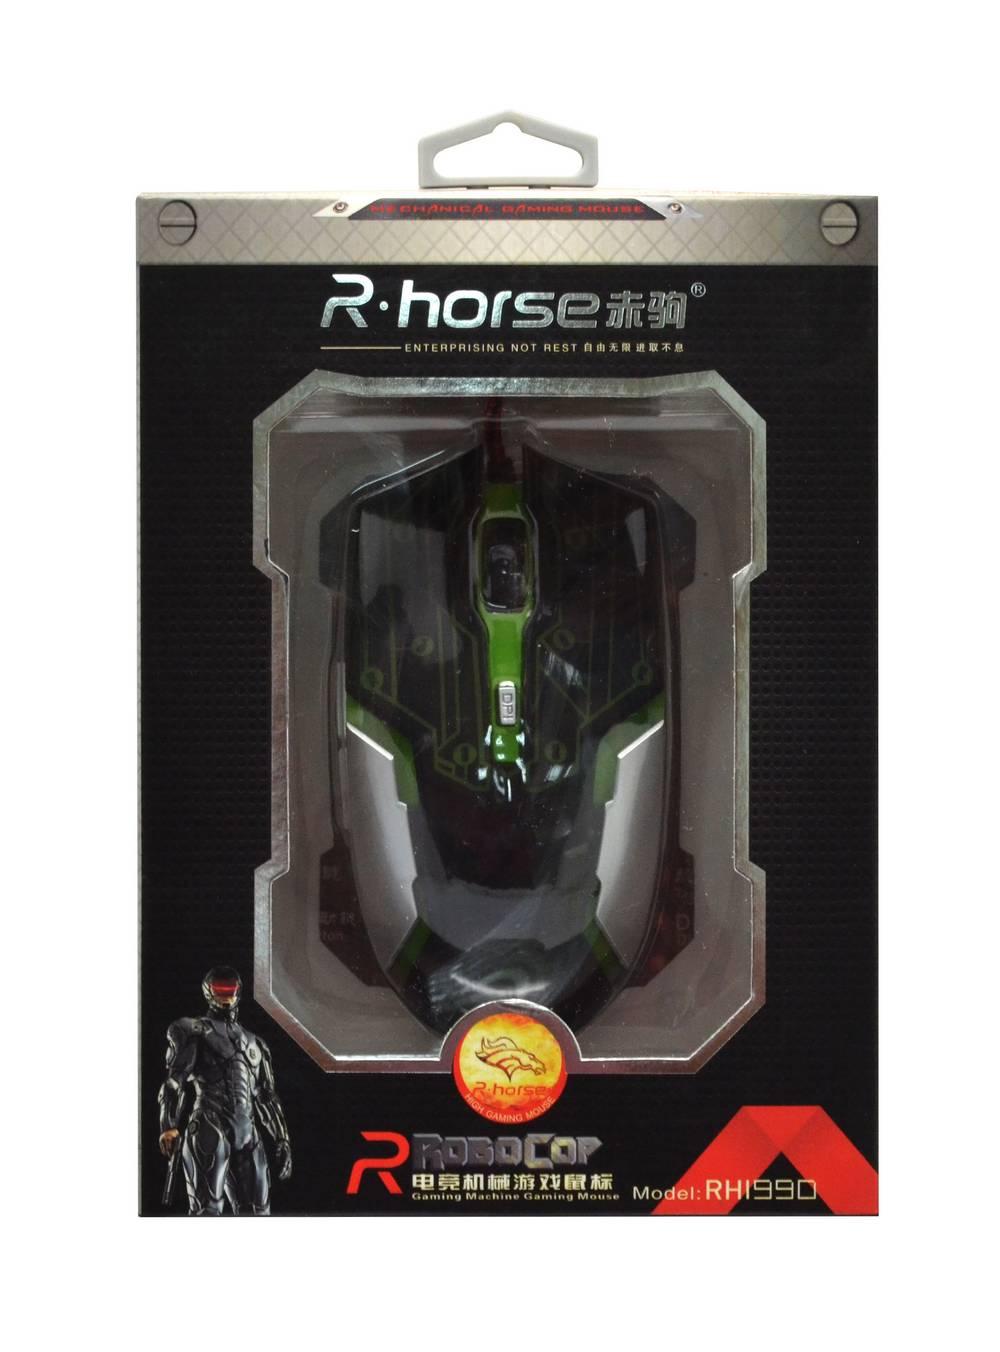 Ενσύρματο Ποντίκι R-horse RH-1990 Robocop Series 5 Πλήκτρων 3200 DPI Μαύρο - Πράσινο (120*70*35mm)